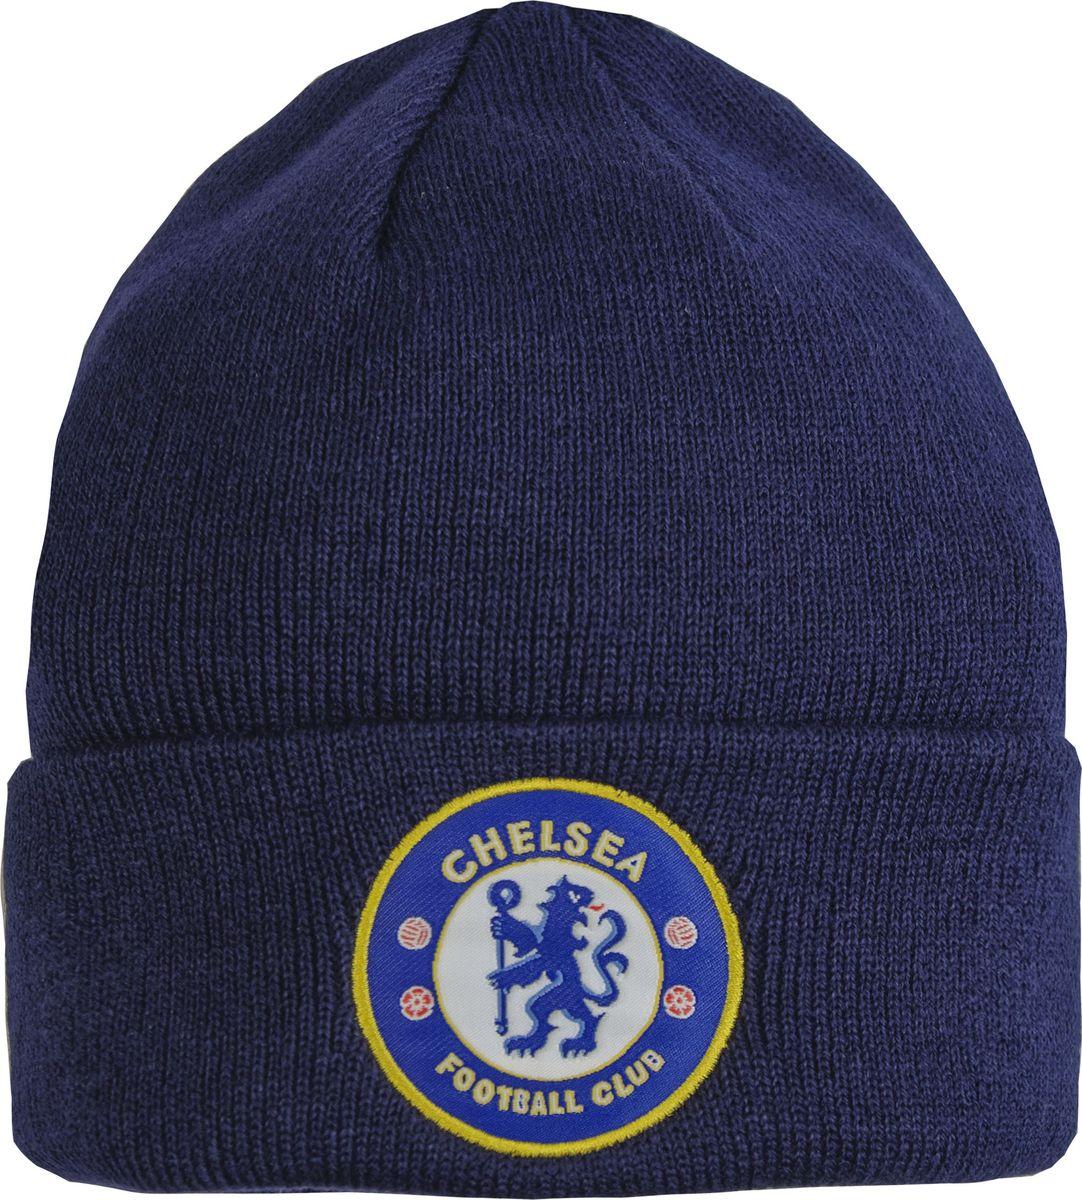 Шапка мужская Atributika & Club Chelsea, цвет: темно-синий. 08010. Размер 55/5808010Классическая шапка Atributika & Club с отворотом и объемным вышитым логотипом футбольного клуба. Выполнена из 100% акрила. Данная шапка является сертифицированным продуктом футбольного клуба Chelsea, упакована в индивидуальную упаковку, защищена голограммой, имеет уникальный штрих код.